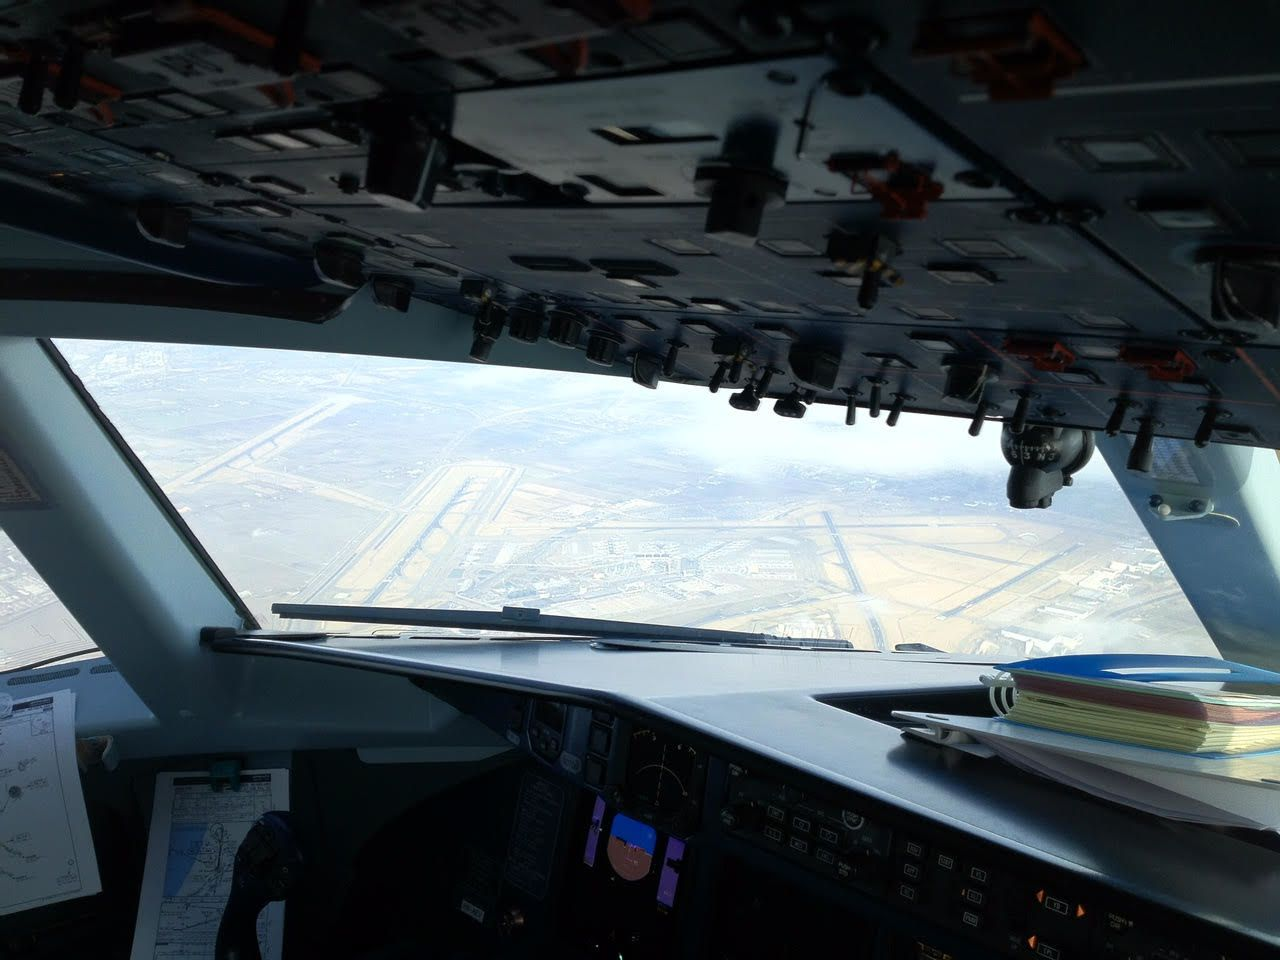 Pilote de ligne sur Dornier 328 chez SkyWork Airlines